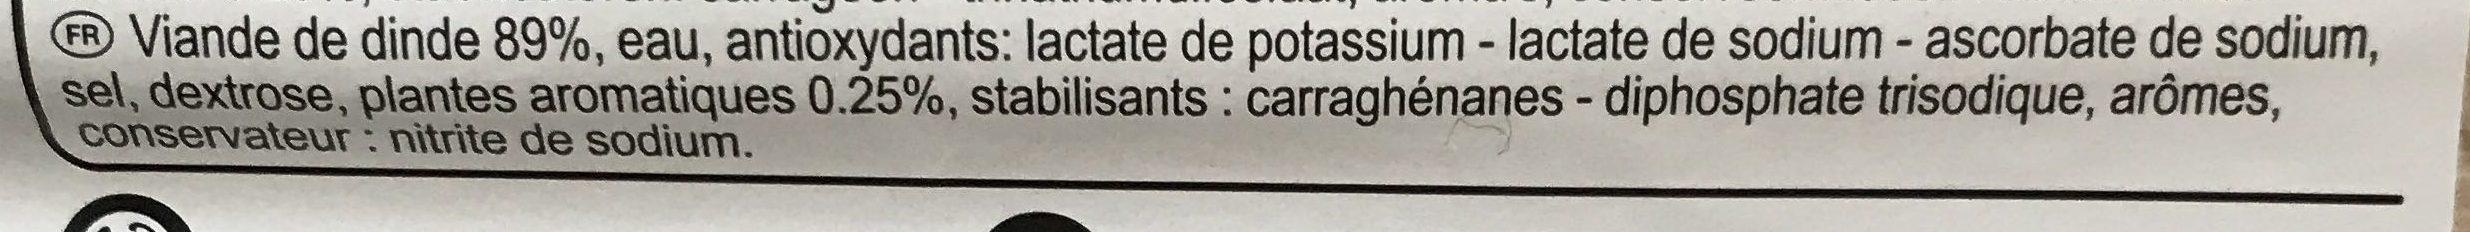 Filet de dinde aux herbes - Ingrédients